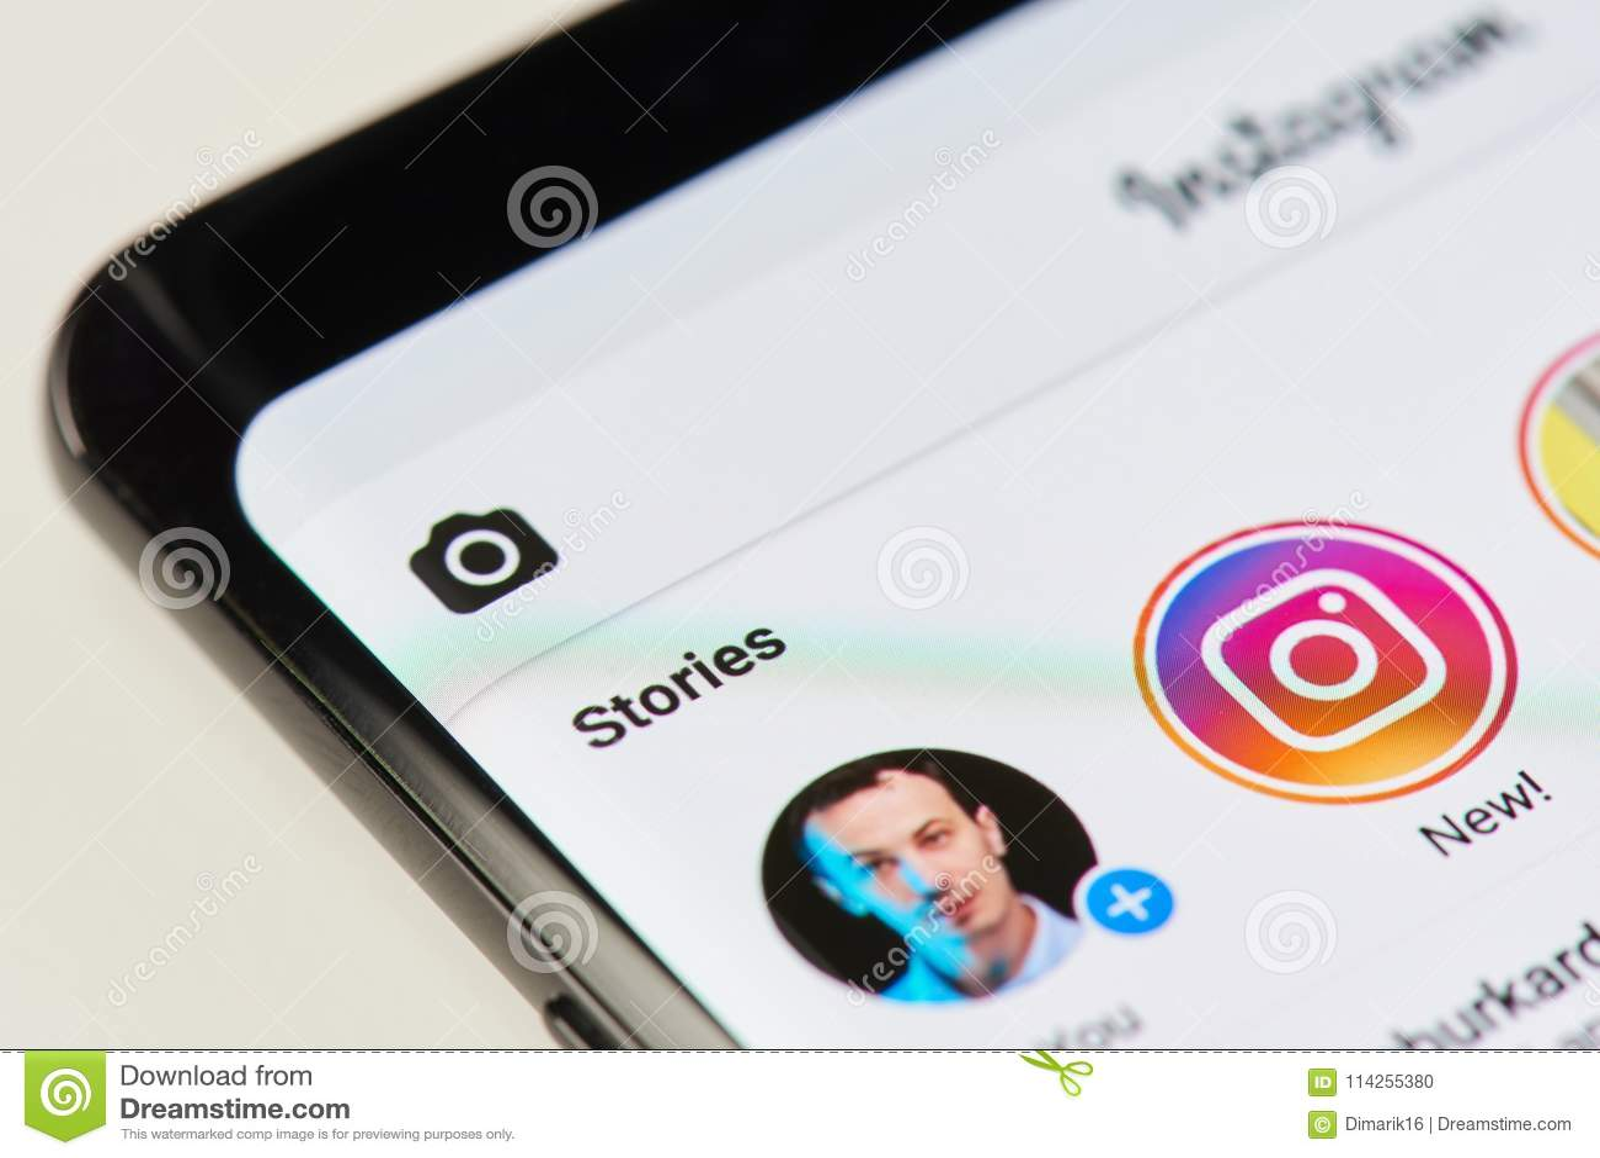 Adición de nueva historia en el instagram app